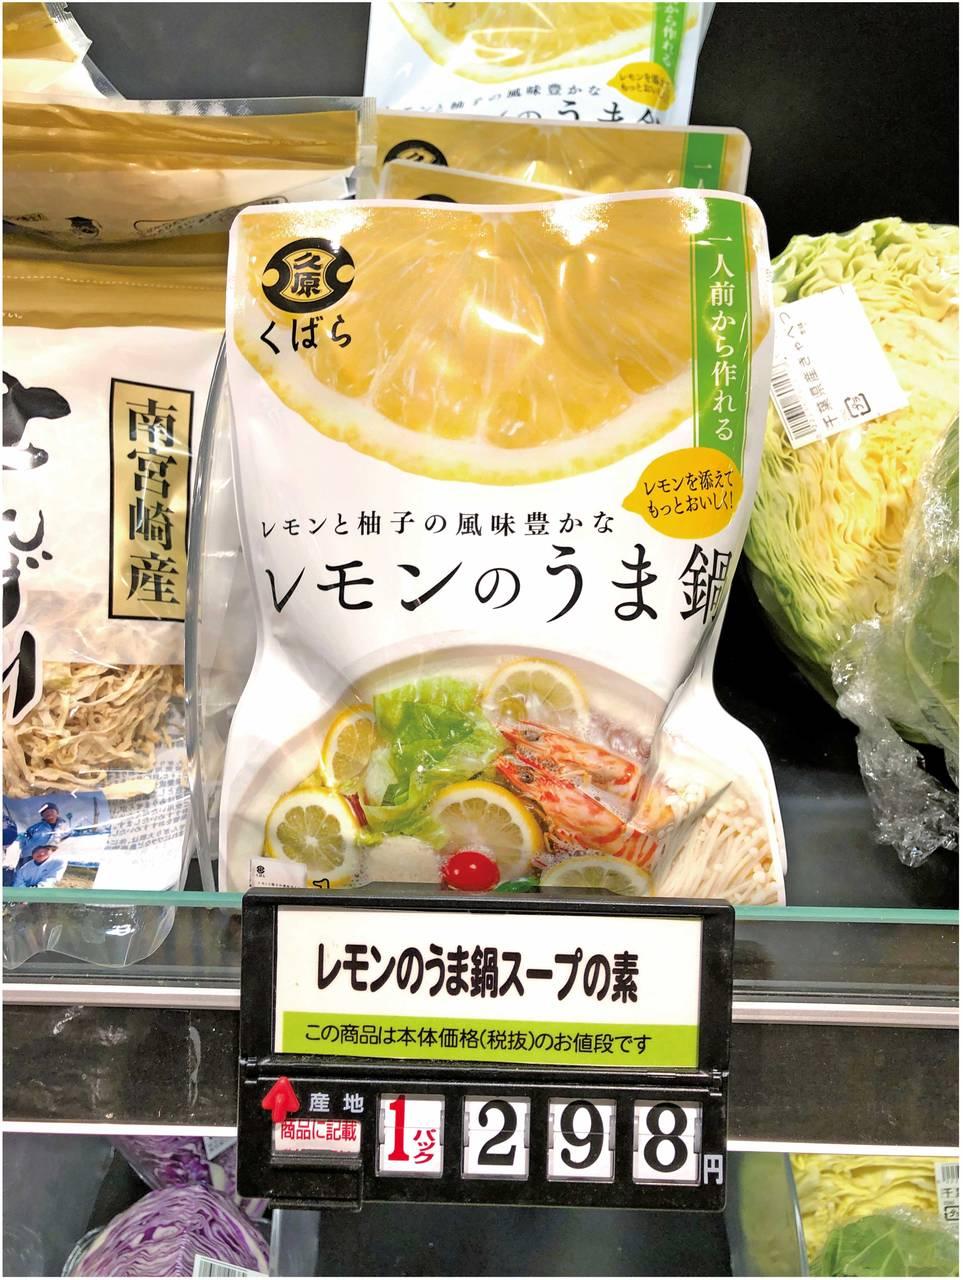 レモンのうま鍋 150g(50g×3袋入り)(希望小売価格・久原醤油)